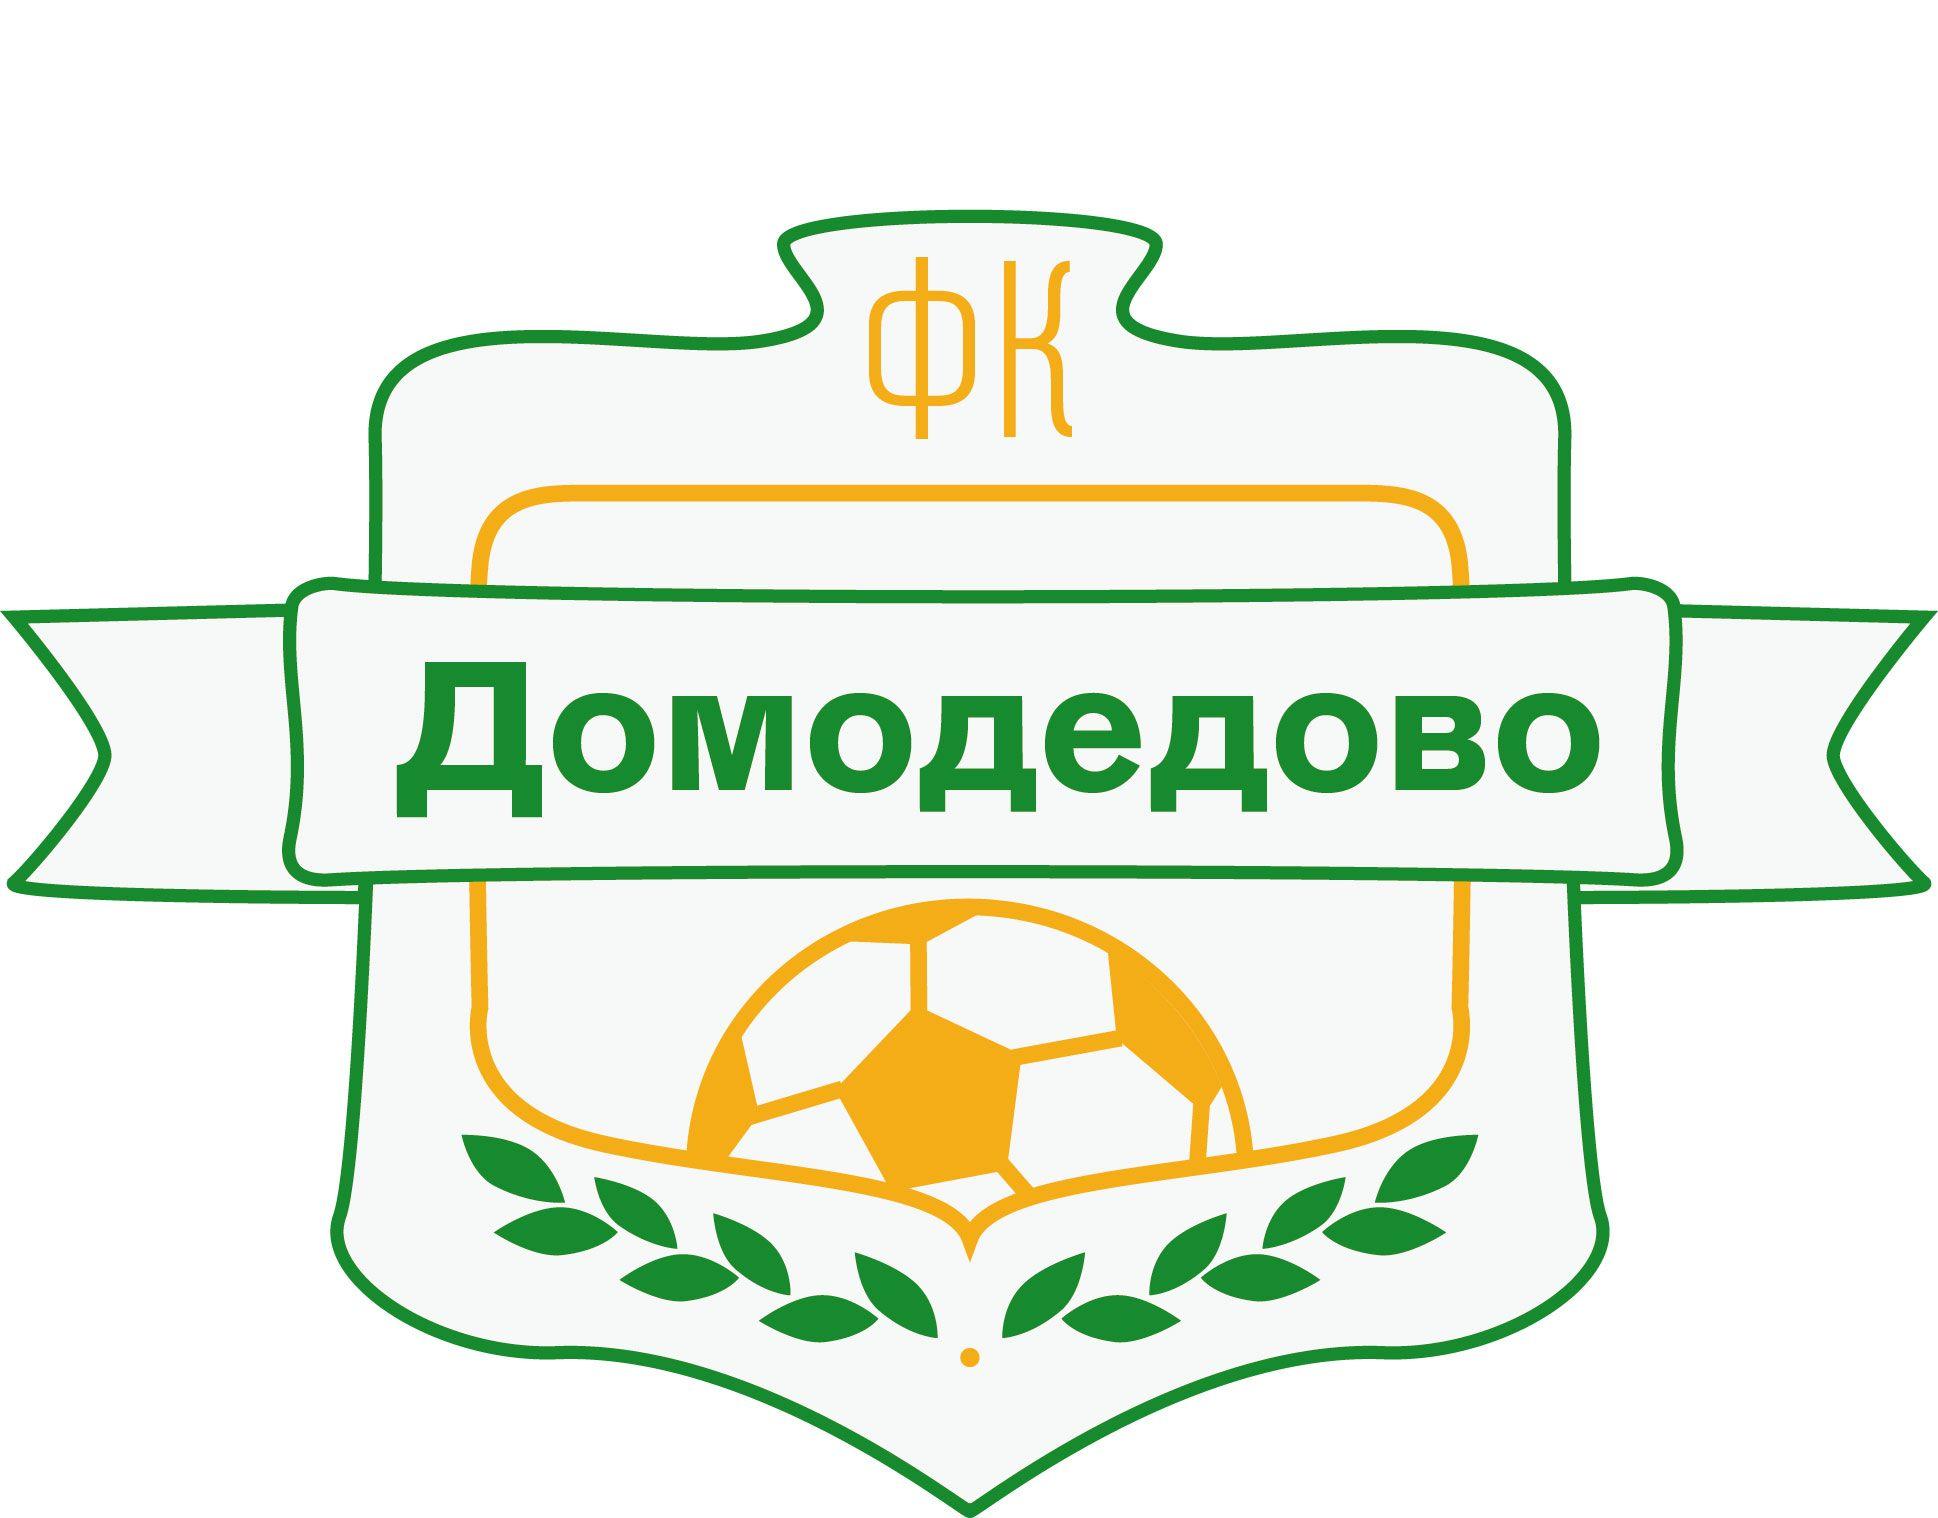 Логотип (Эмблема) для нового Футбольного клуба - дизайнер MariaK1994